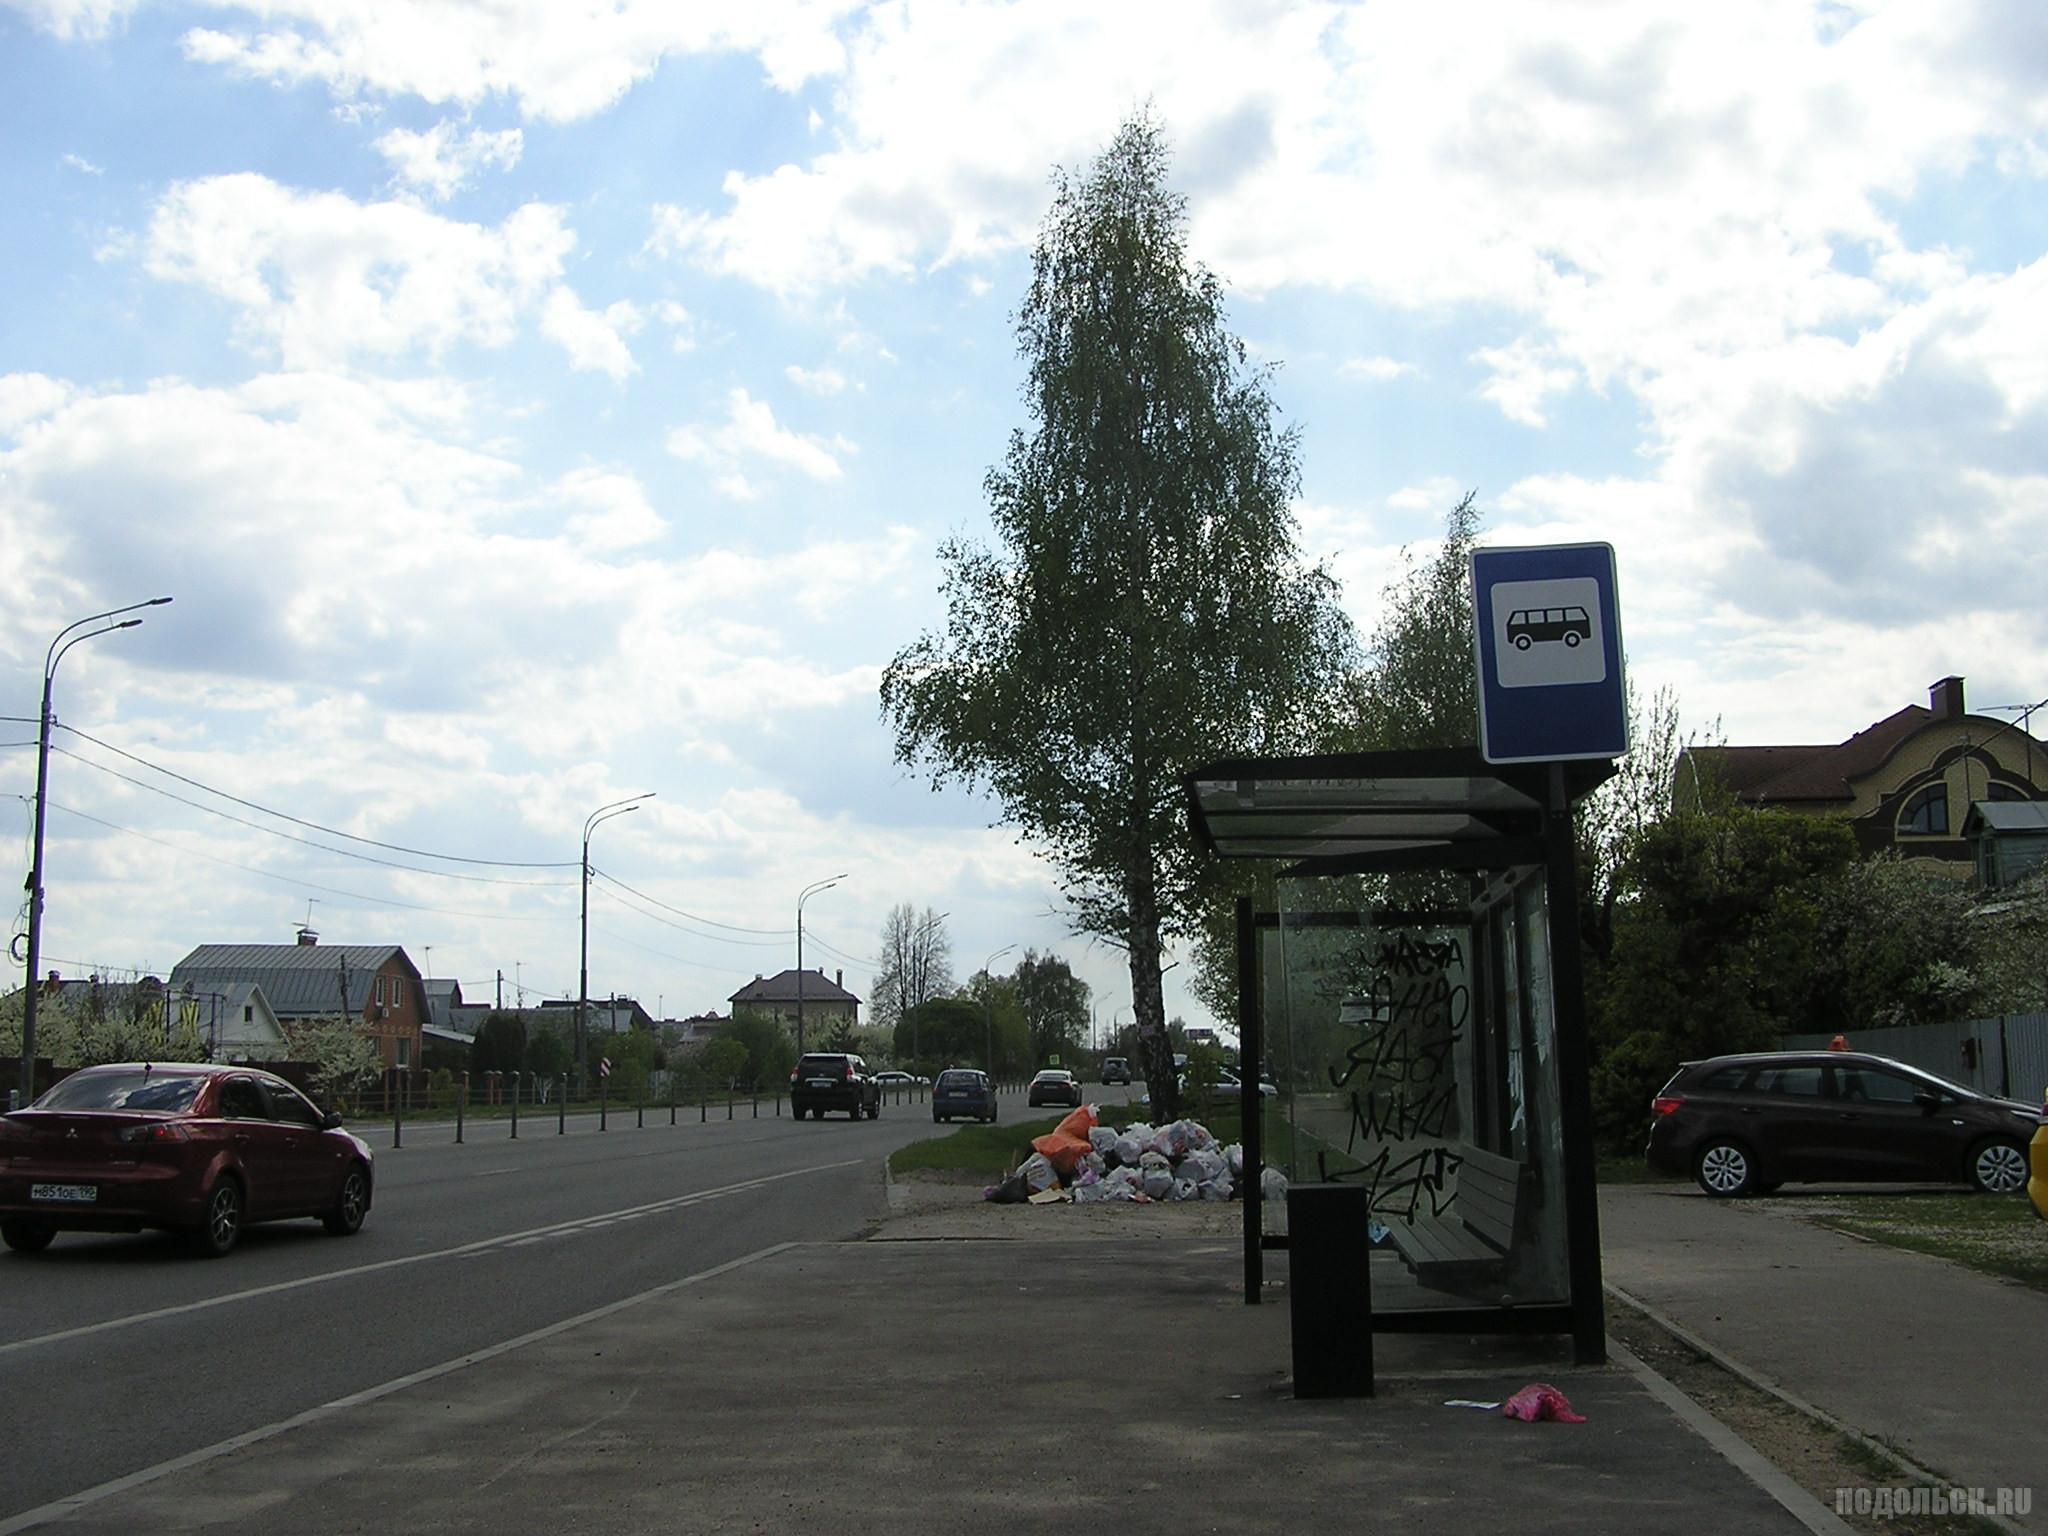 """Б. Серпуховская улица, автобусная остановка """"Кутузово-2"""". 6 мая 2019"""